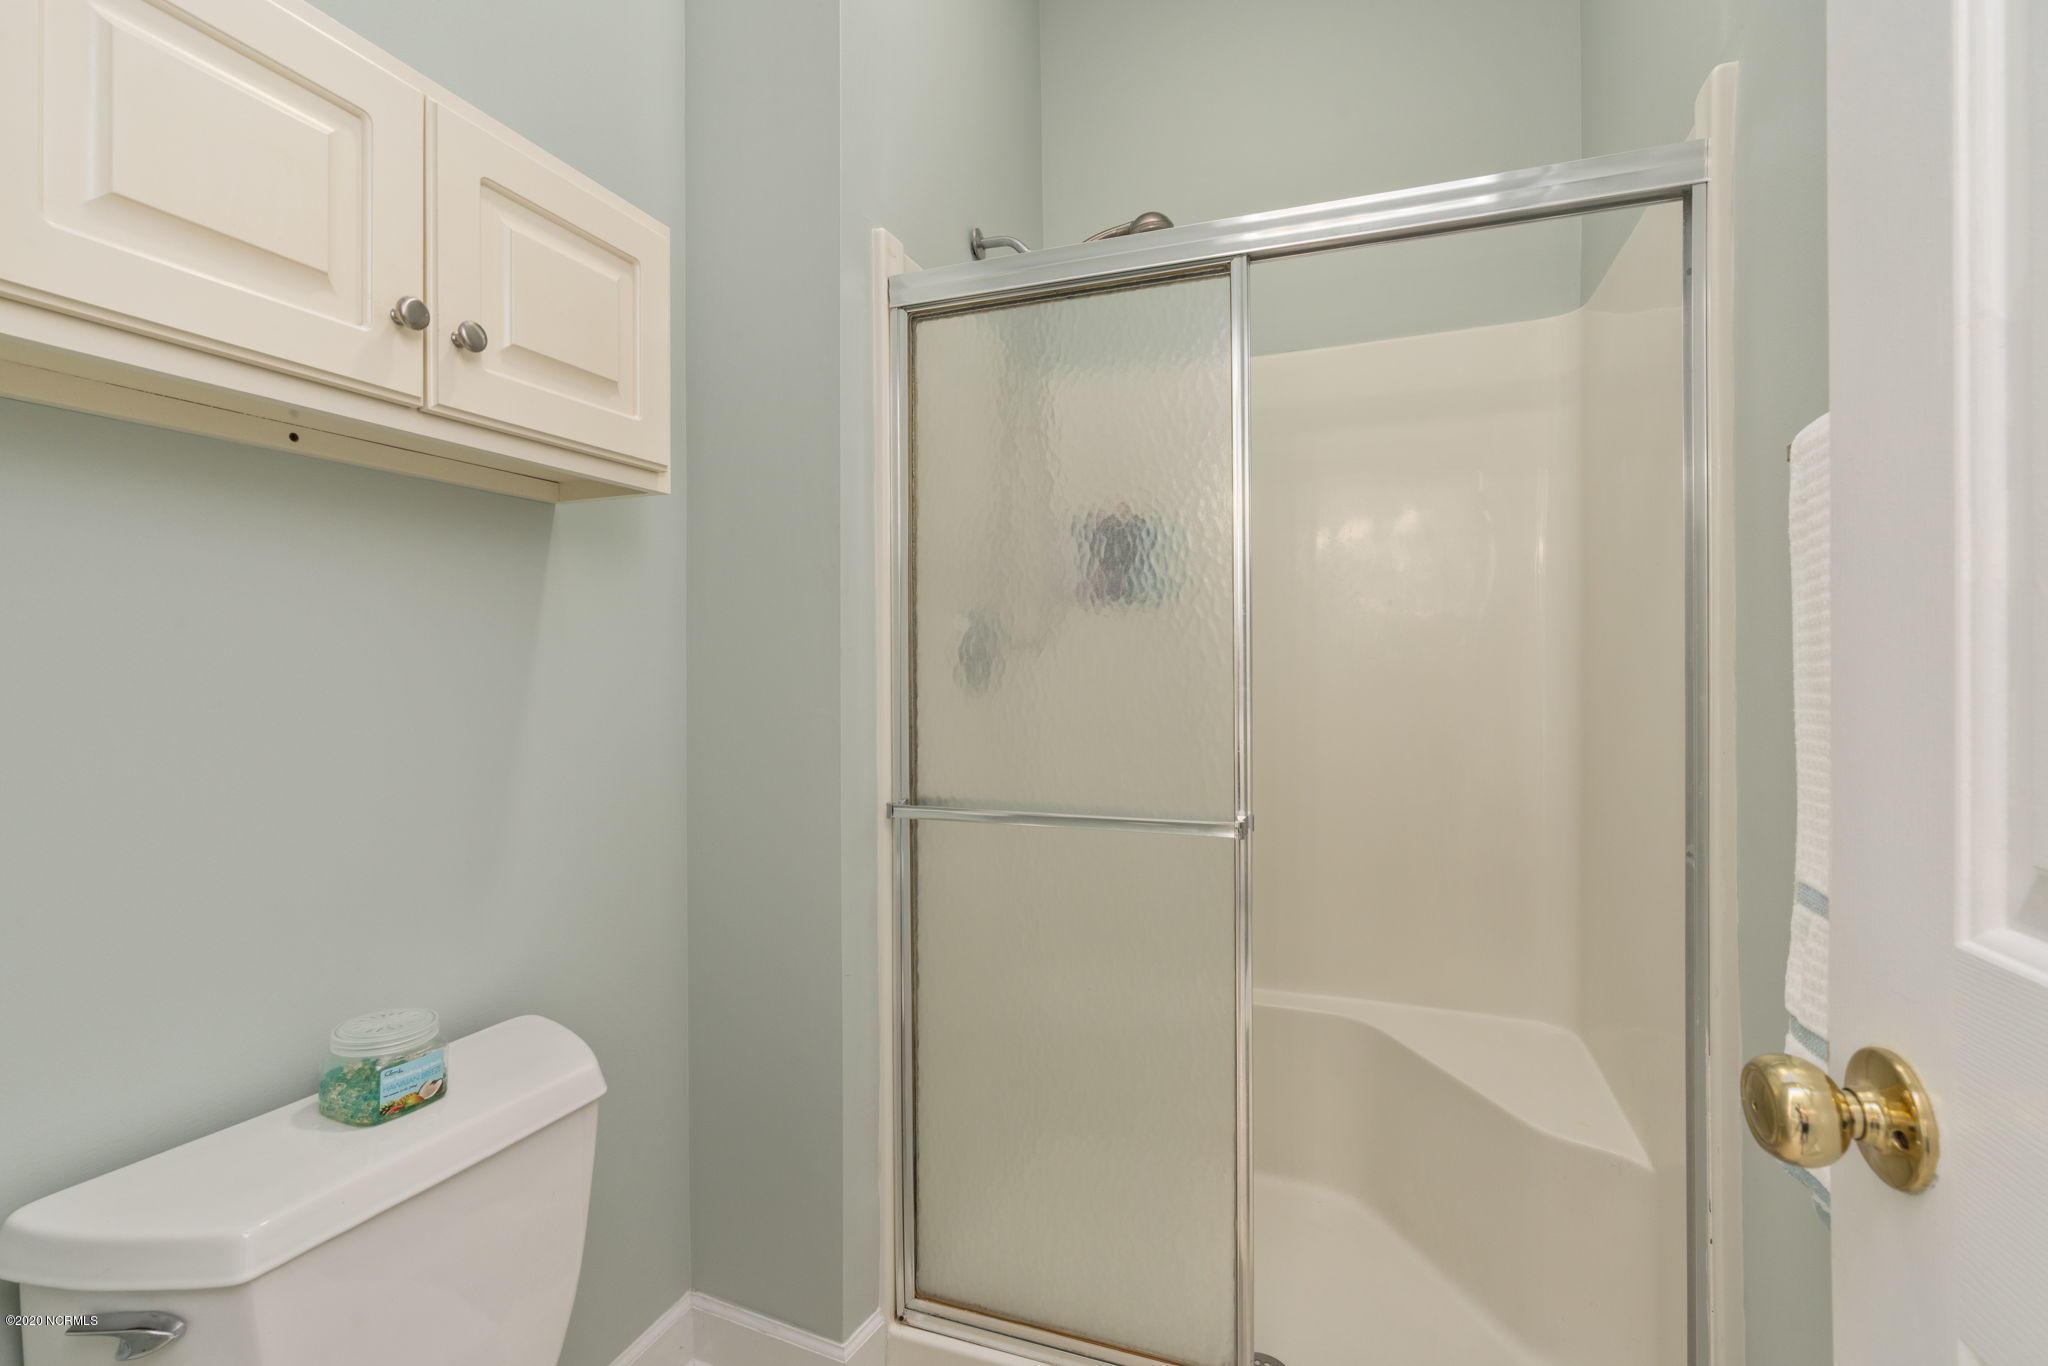 8510 Hammock Dunes Drive, Wilmington, North Carolina 28411, 3 Bedrooms Bedrooms, ,2 BathroomsBathrooms,Residential,For Sale,Hammock Dunes,100231767